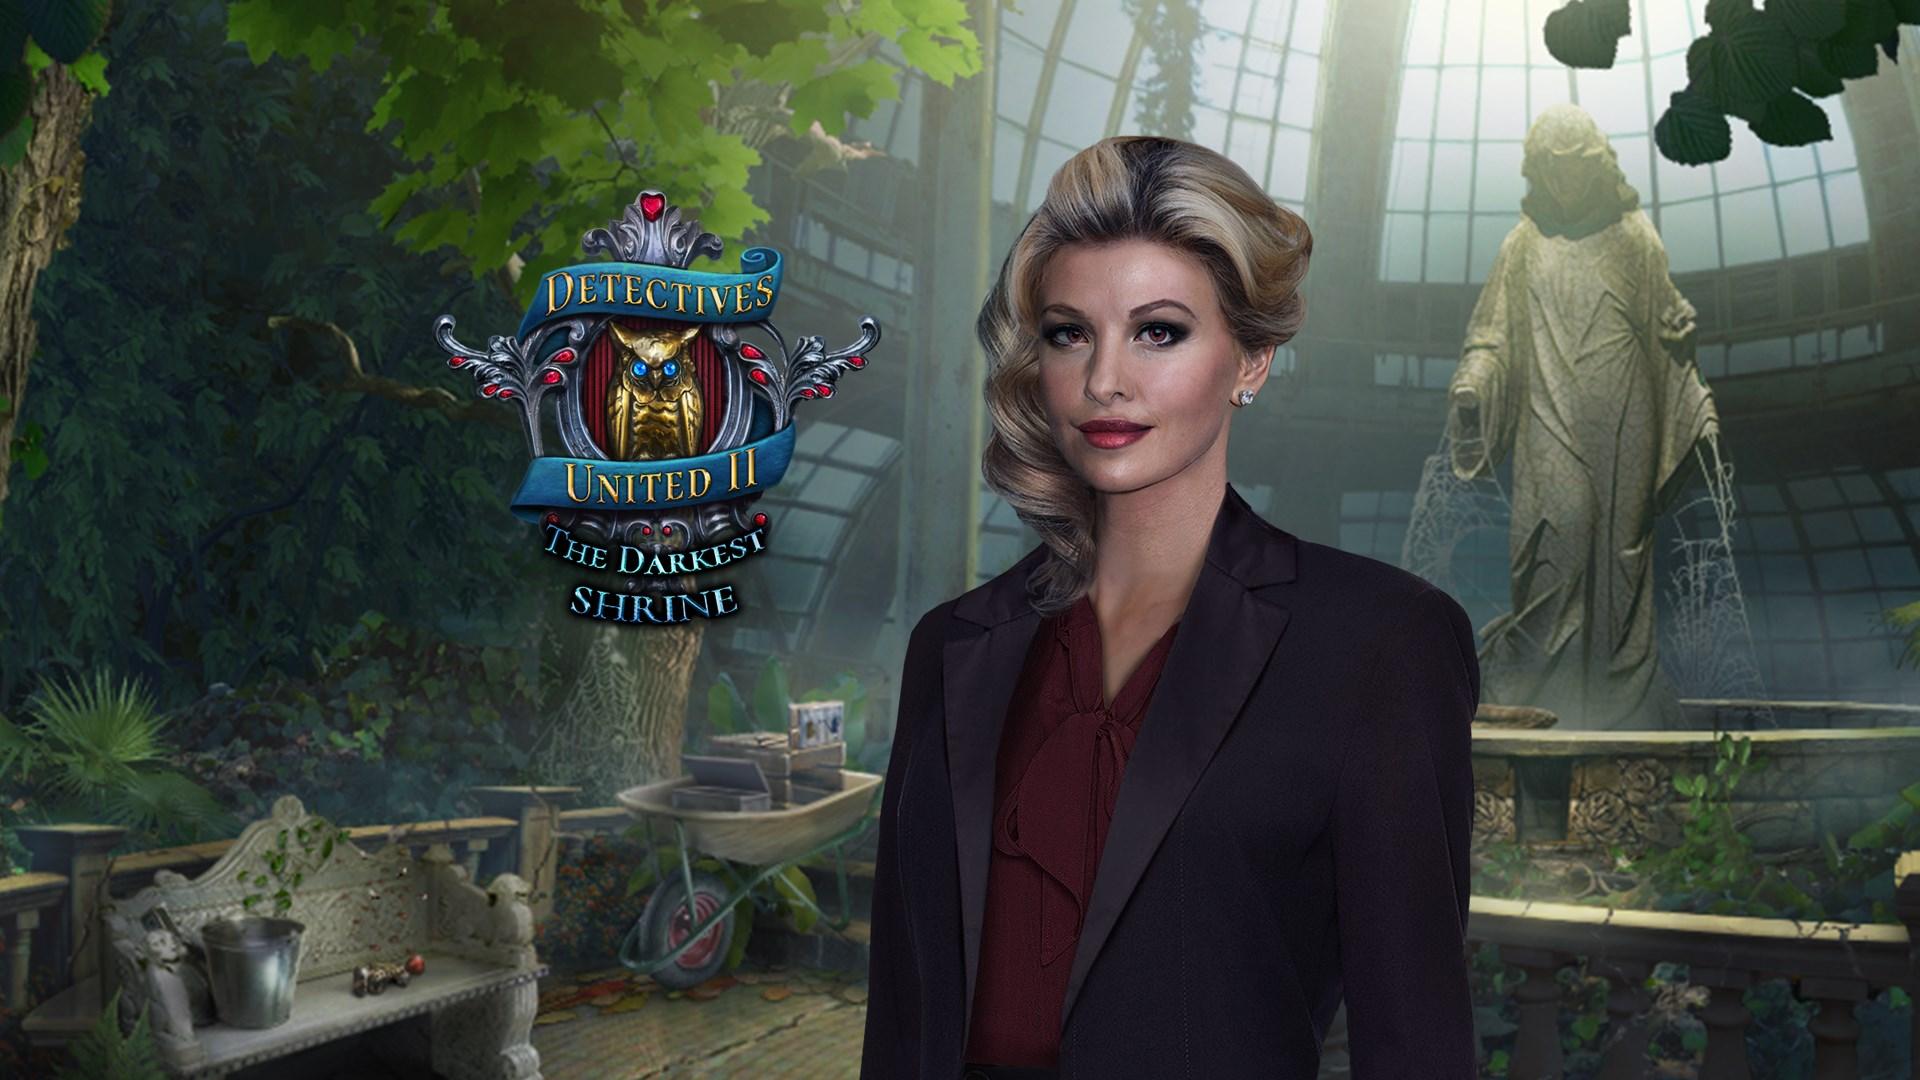 《侦探联盟2至暗圣殿英文免安装版